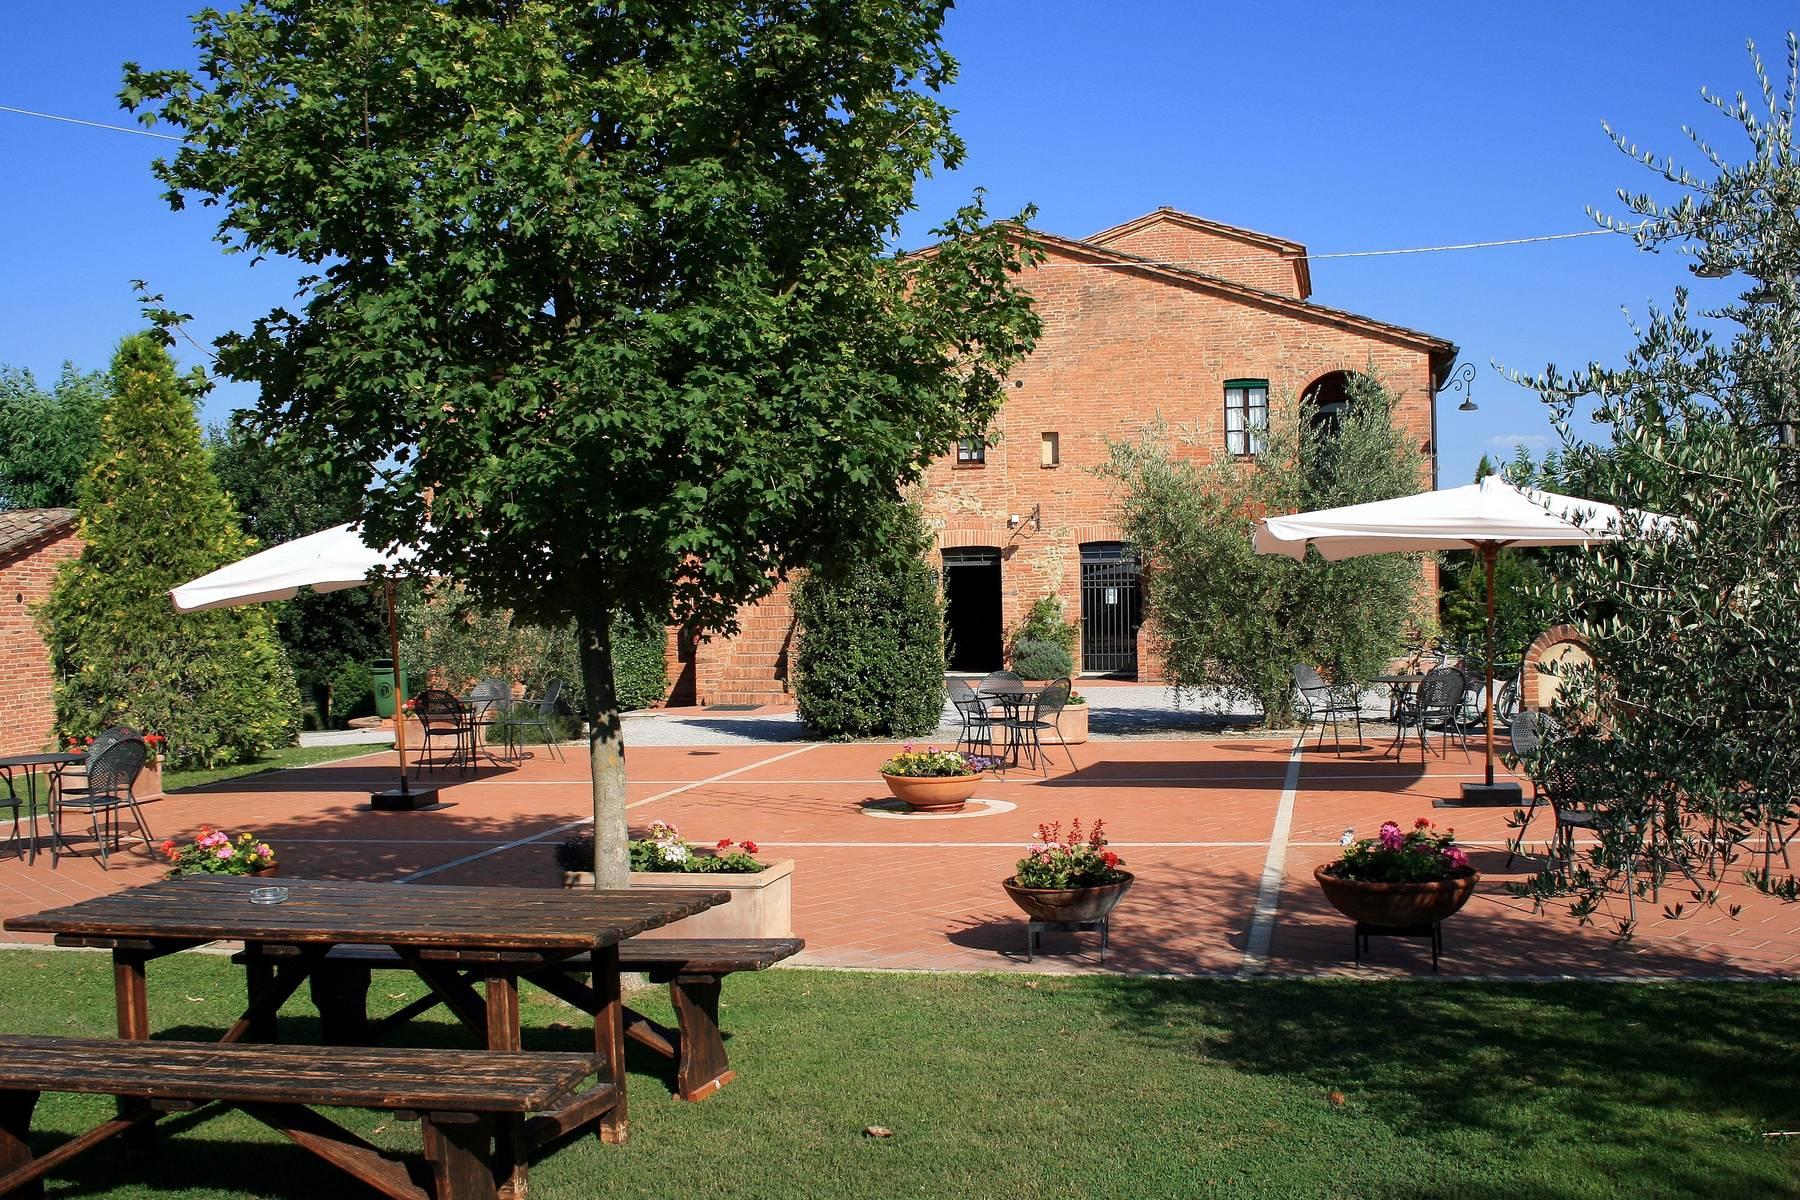 Rustico in Vendita a Montepulciano: 5 locali, 1890 mq - Foto 15